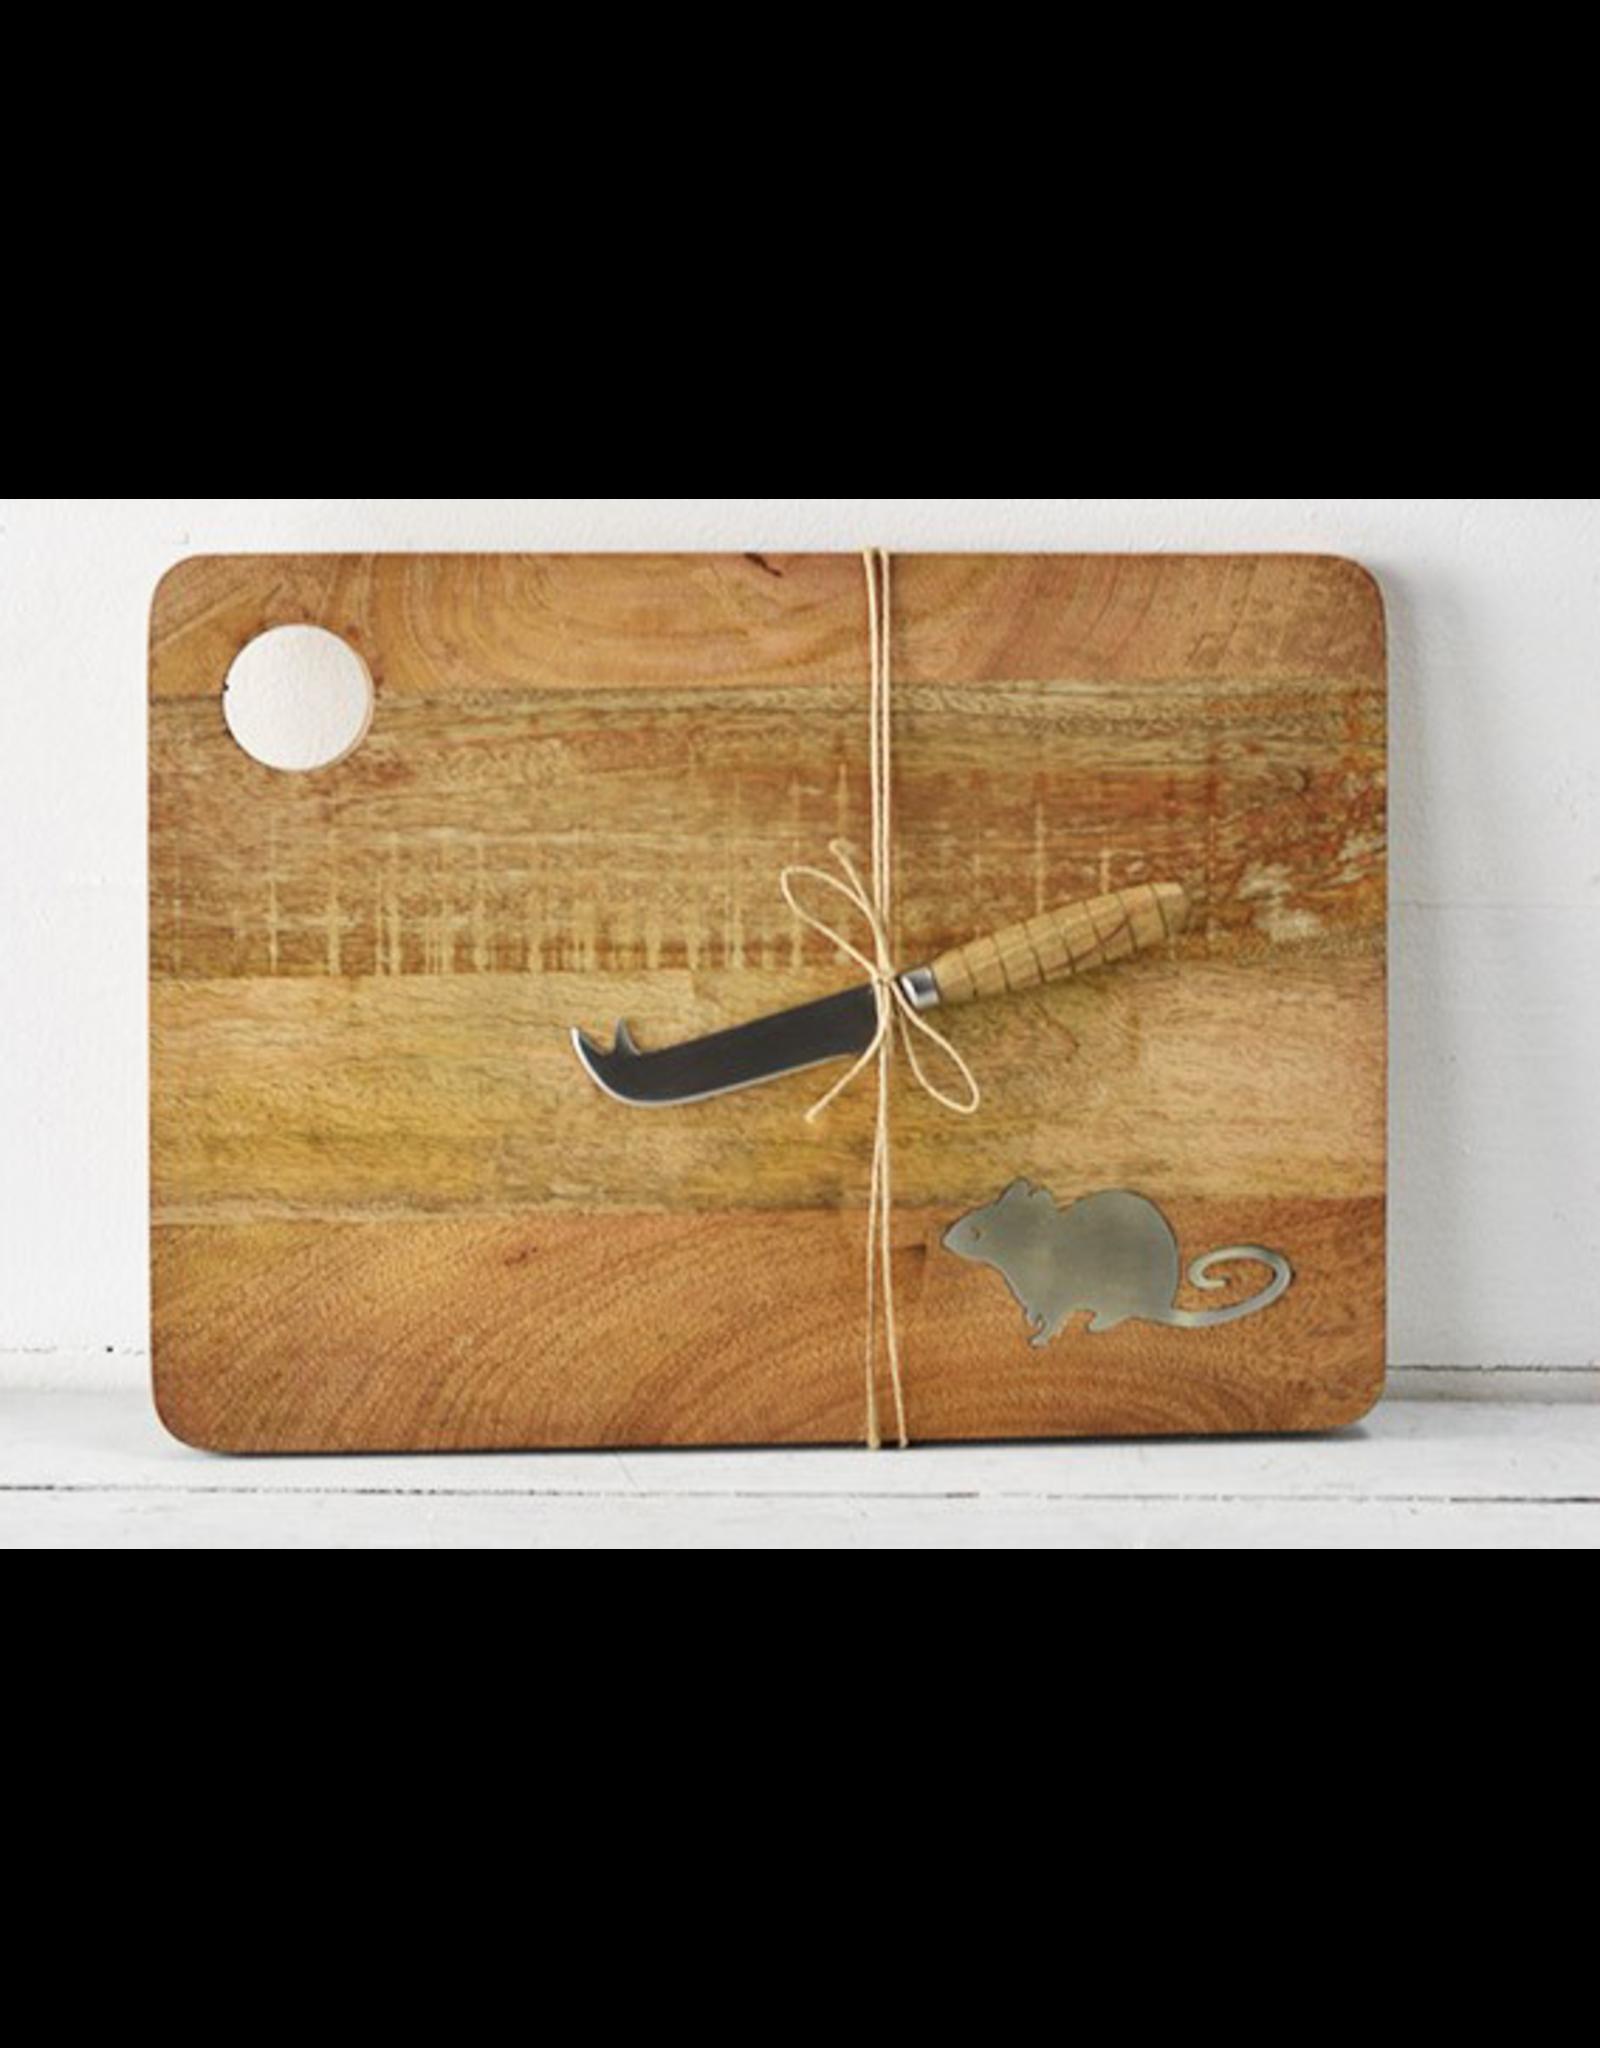 PD Home & Garden Mouse Cheese Board